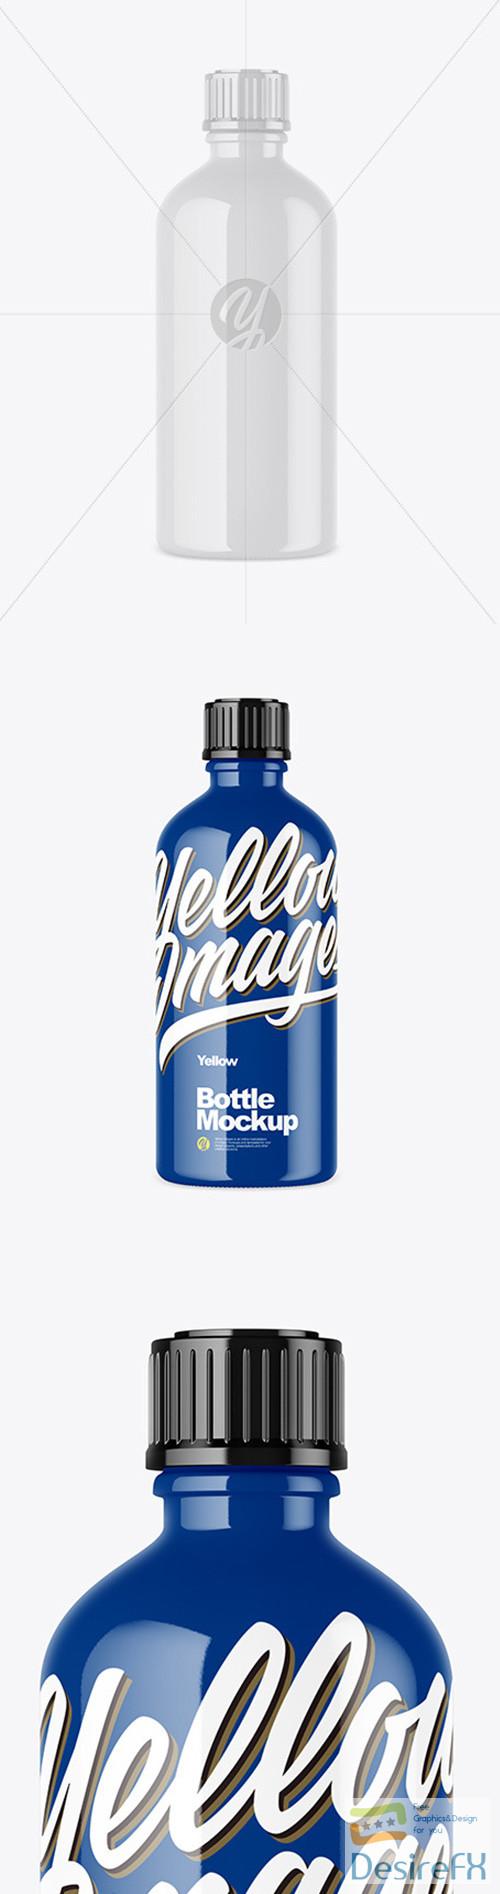 mock-up - Glossy Bottle Mockup 52106 TIF